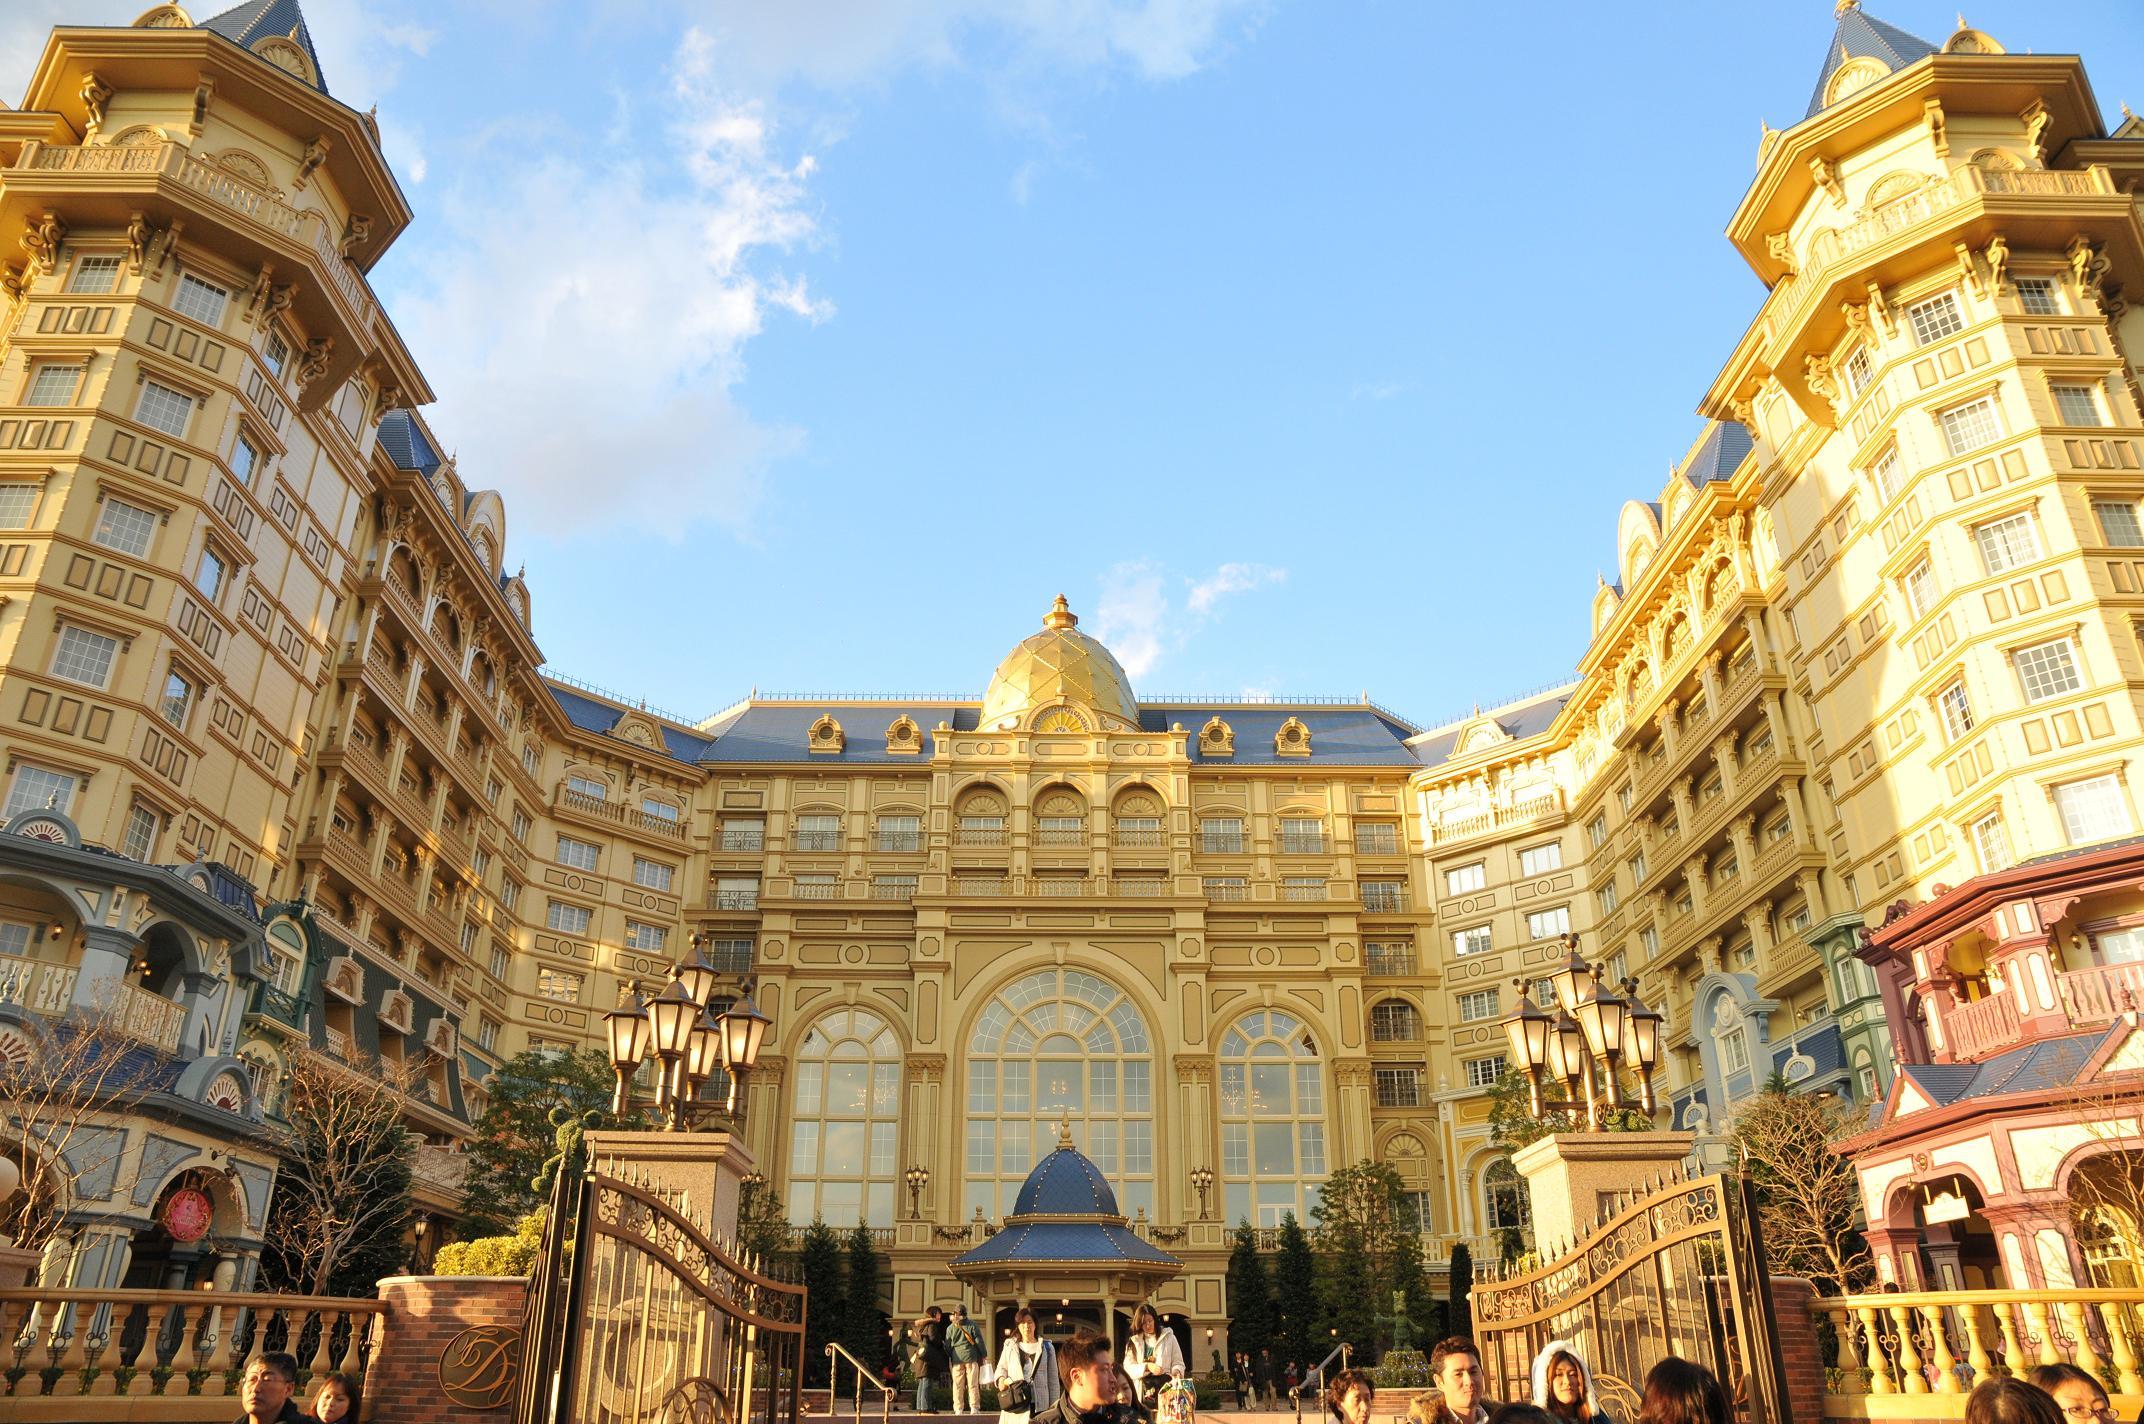 ディズニーホテル宿泊 : ママ友の間で家庭の経済格差を感じる瞬間